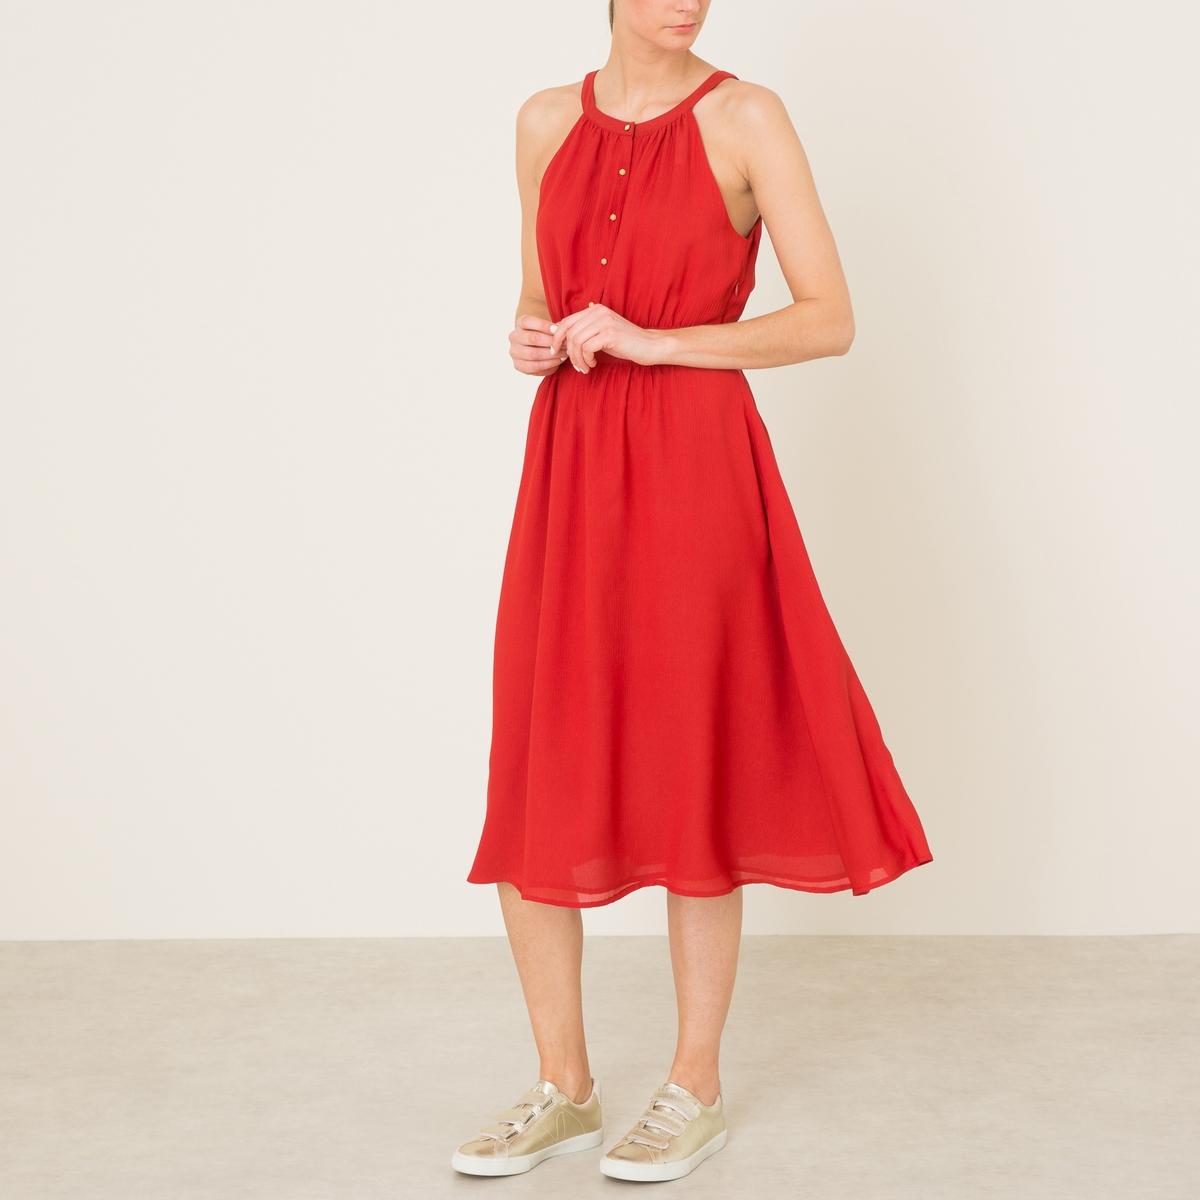 Платье длинное TEHUACANПлатье длинное SESSUN - модель TEHUACAN из шелка и вискозы . Вырез с колье . Тонкие бретели. Вырез с золотистыми пуговицами . Отрезная деталь по талии. Застежка на скрытую молнию сбоку. Состав и описаниеМатериал : 59% шелка, 41% вискозыПодкладка : 100% полиэстерДлина : ок. 110 см. (для размера 36)Марка : SESSUN<br><br>Цвет: красный